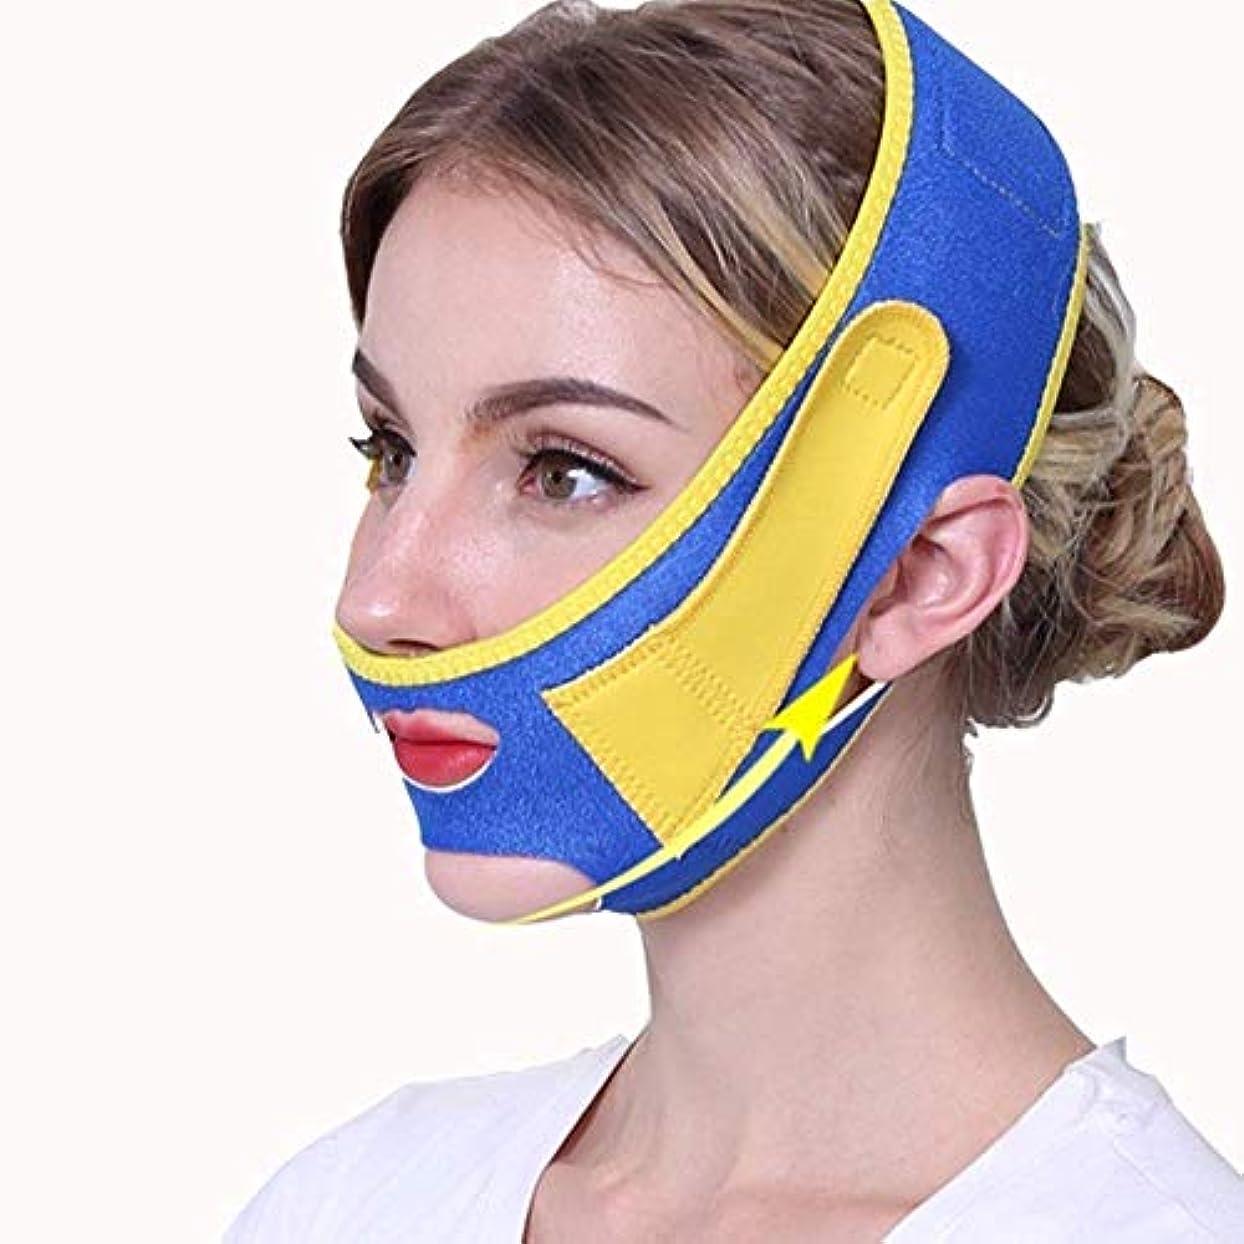 ブローやがてサーマルWSJTT 女性のための顔のリフティングベルト、Vラインチンチークリフトアップバンドアンチリンクル包帯、スリミング包帯二重あごケア減量Vフェイスベルト補正ベルト調節可能ファーミングフェイシャル?スキンケア